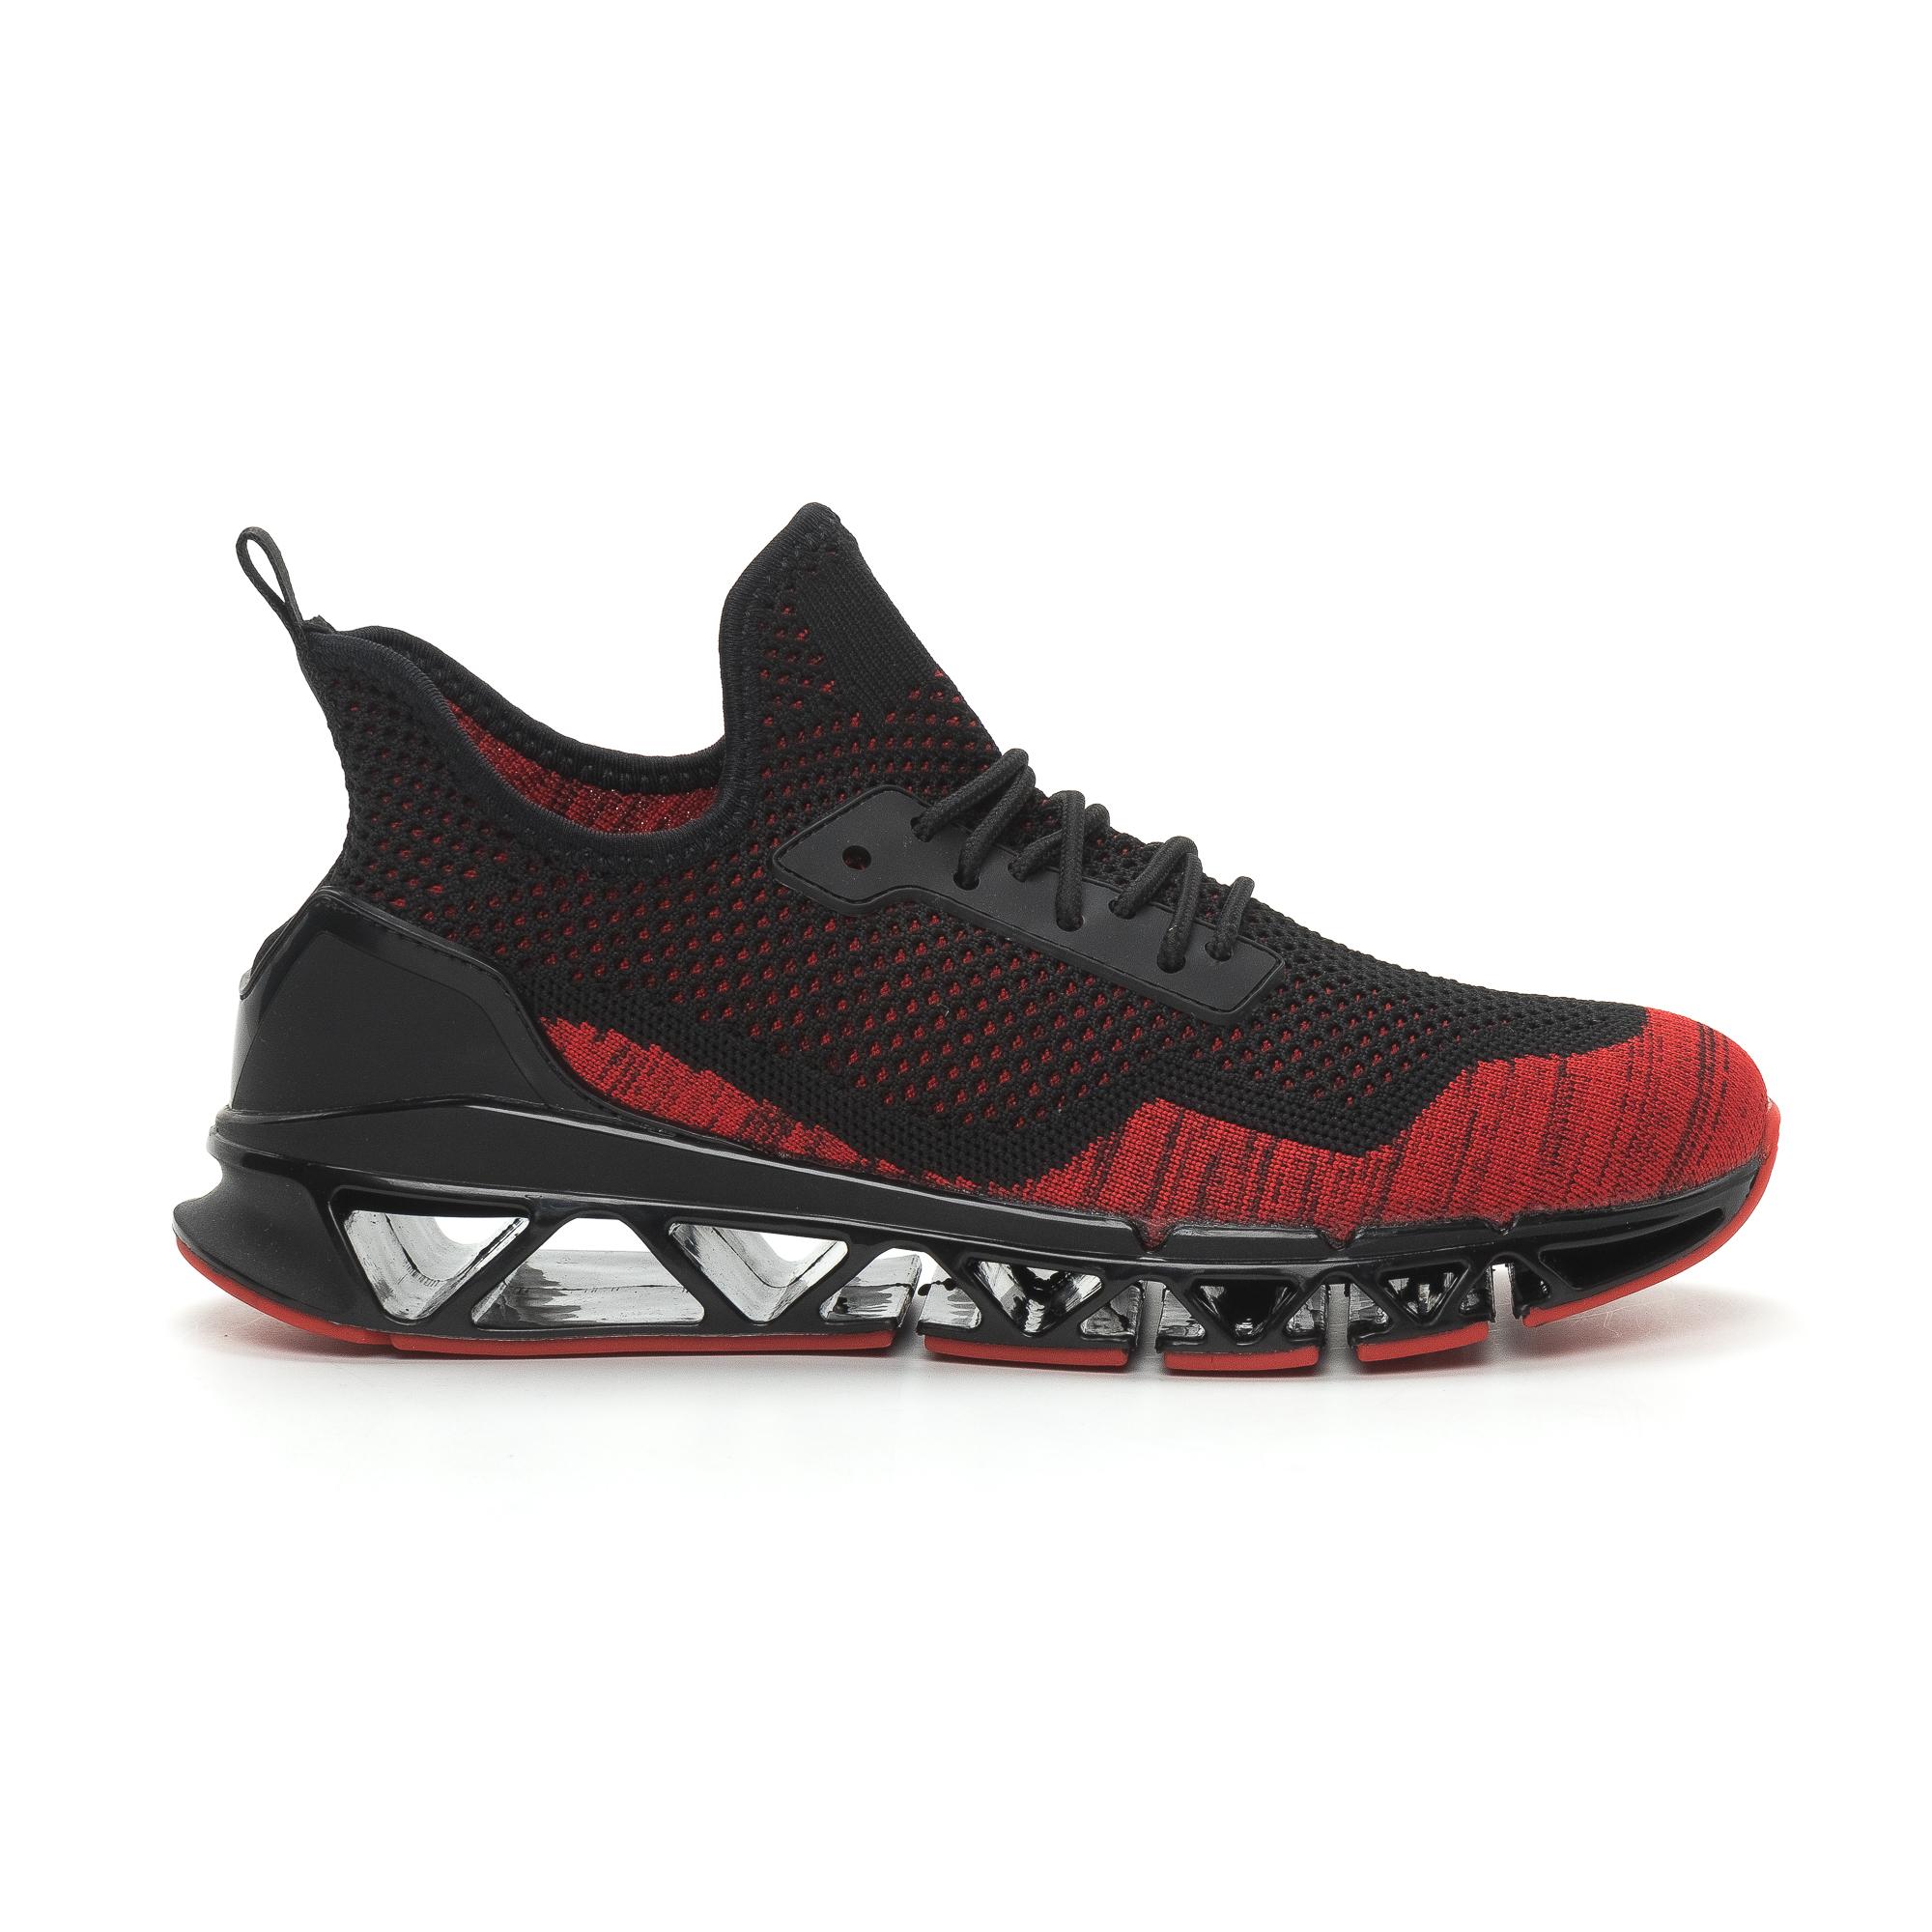 Ανδρικά κόκκινα αθλητικά παπούτσια Knife ελαφρύ μοντέλο